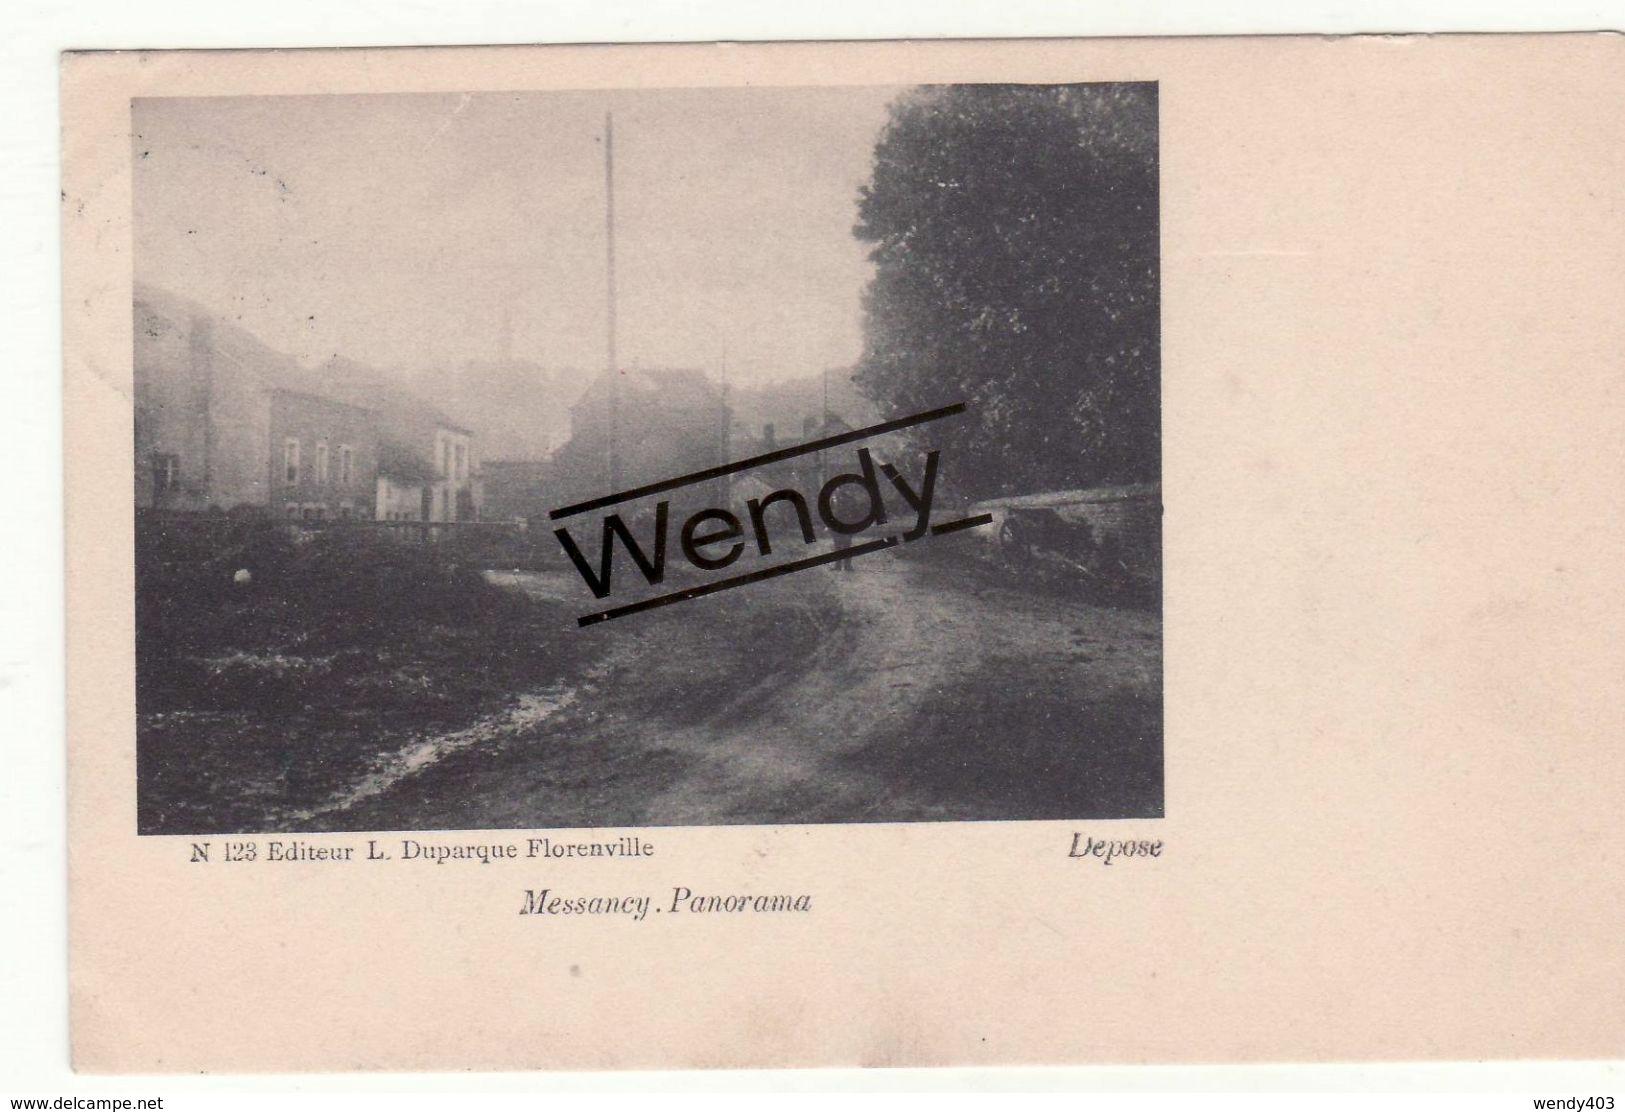 Messancy (panorama) - Messancy